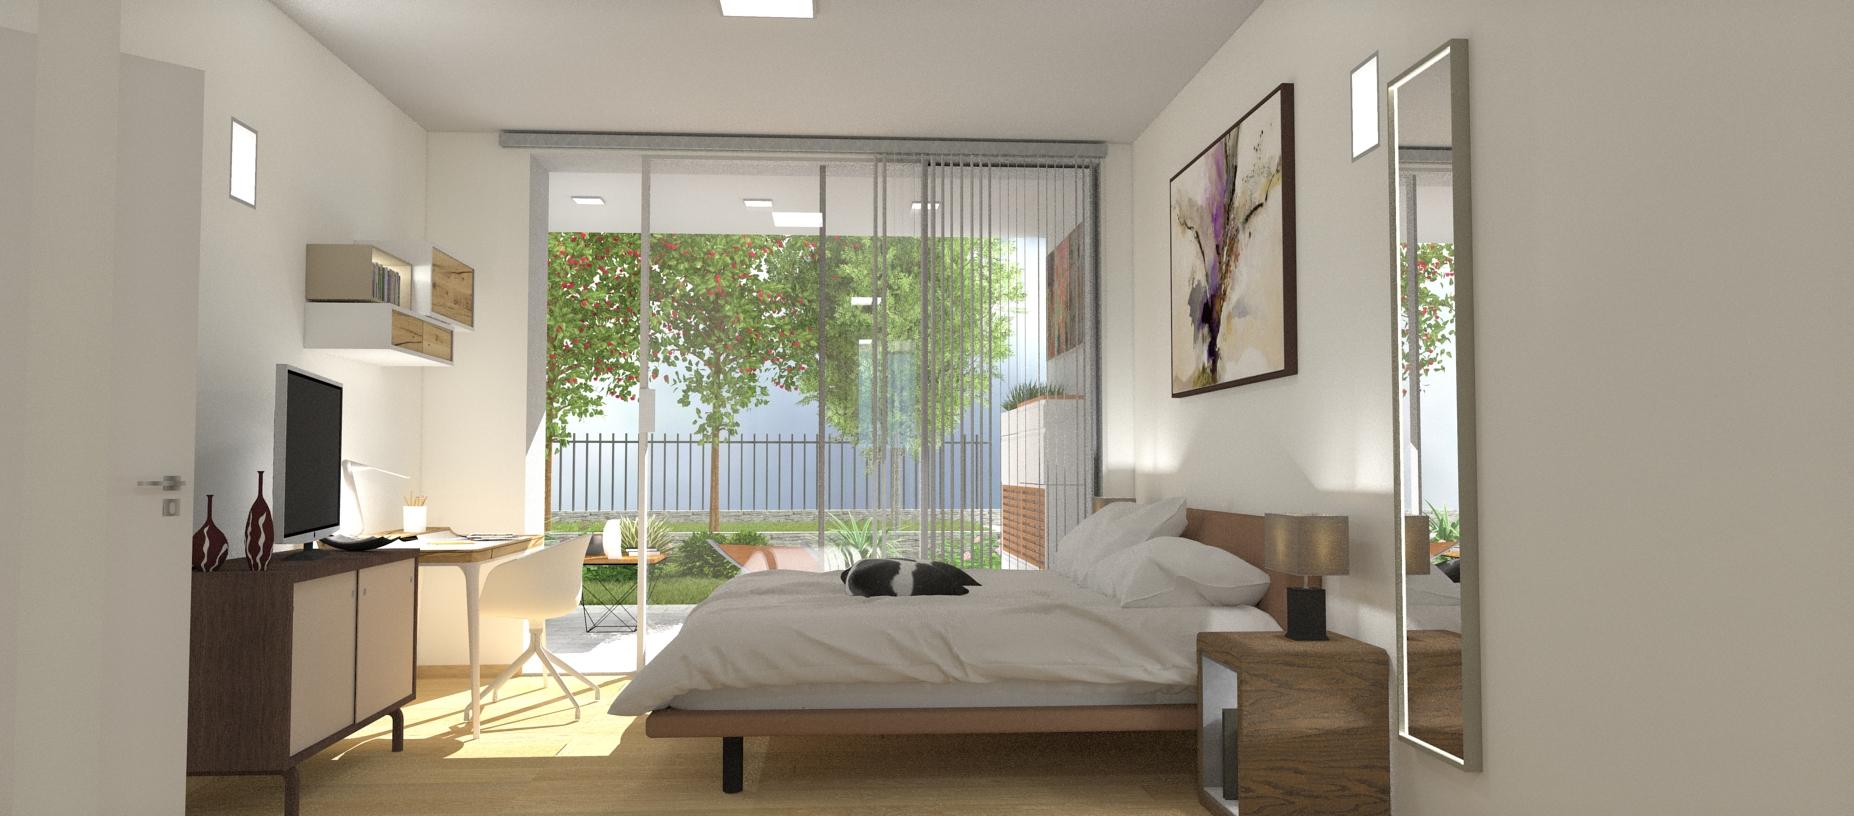 Appartamento in vendita a Cesena, 5 locali, zona Località: S.Egidio, prezzo € 420.000 | Cambio Casa.it